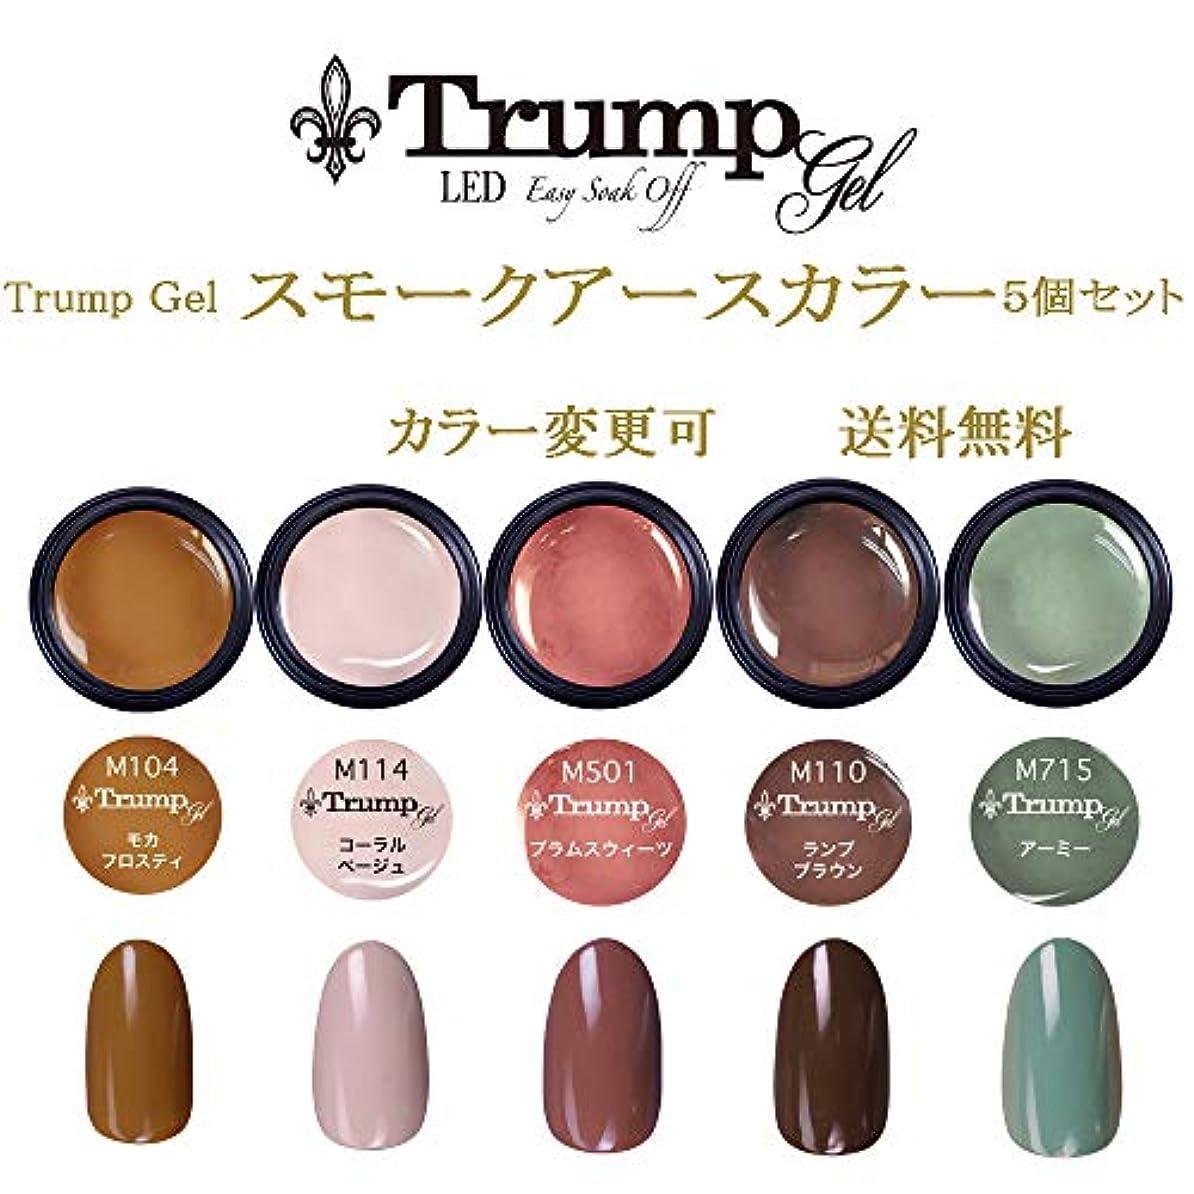 歌詞スペイン語批評【送料無料】日本製 Trump gel トランプジェル スモークアース 選べる カラージェル 5個セット スモーキー アースカラー ベージュ ブラウン マスタード カーキ カラー